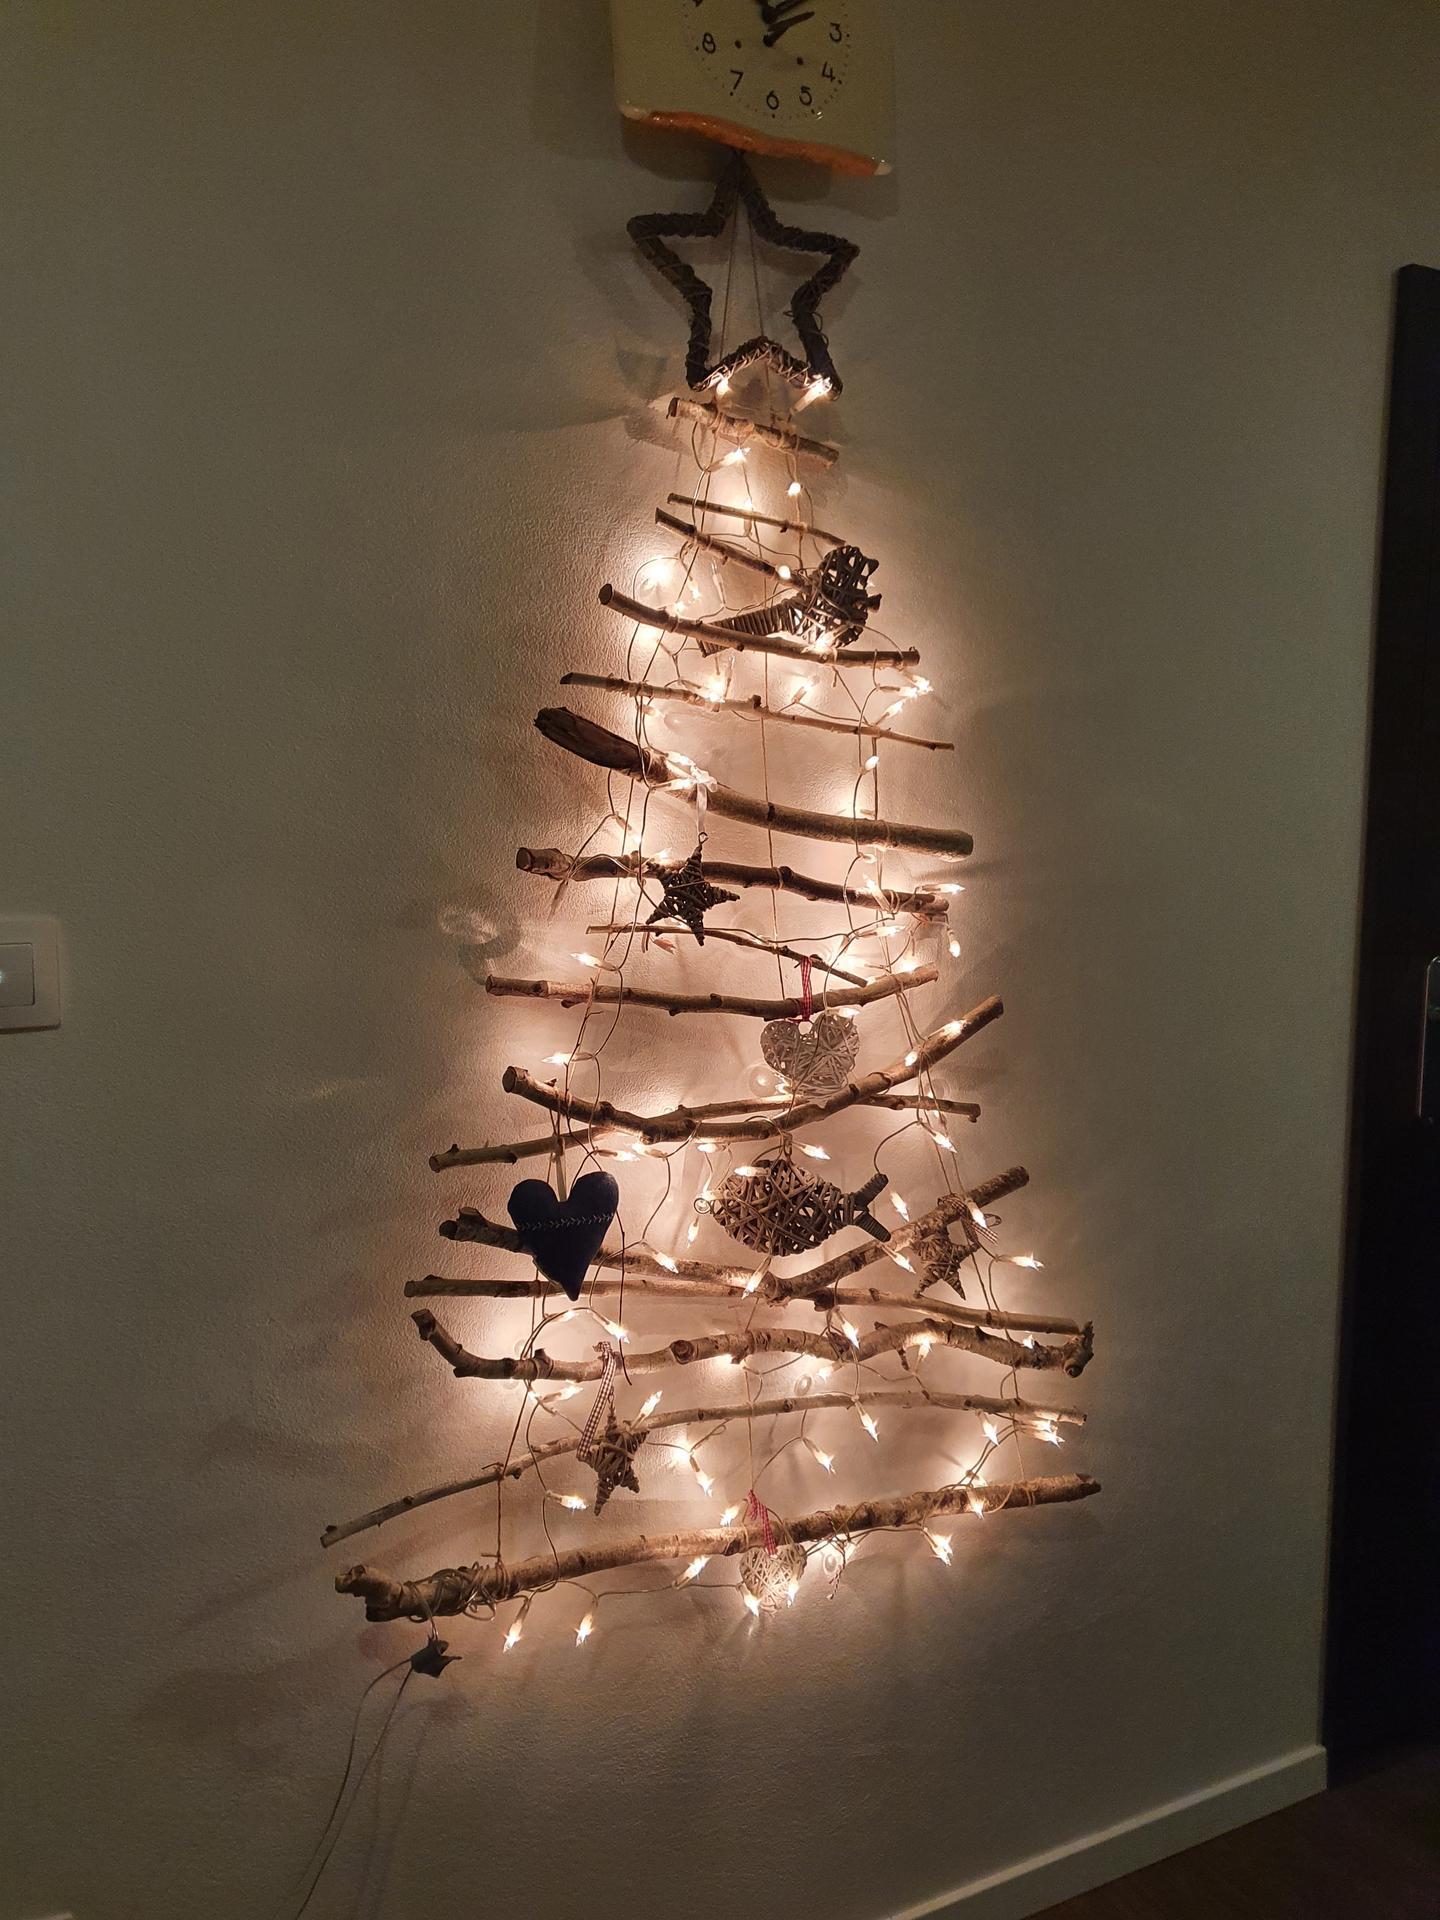 Nasa oblubena, x rokov recyklovana vianocna ozdoba...kazdy rok ju davame dole neskor a neskor... - Obrázok č. 1